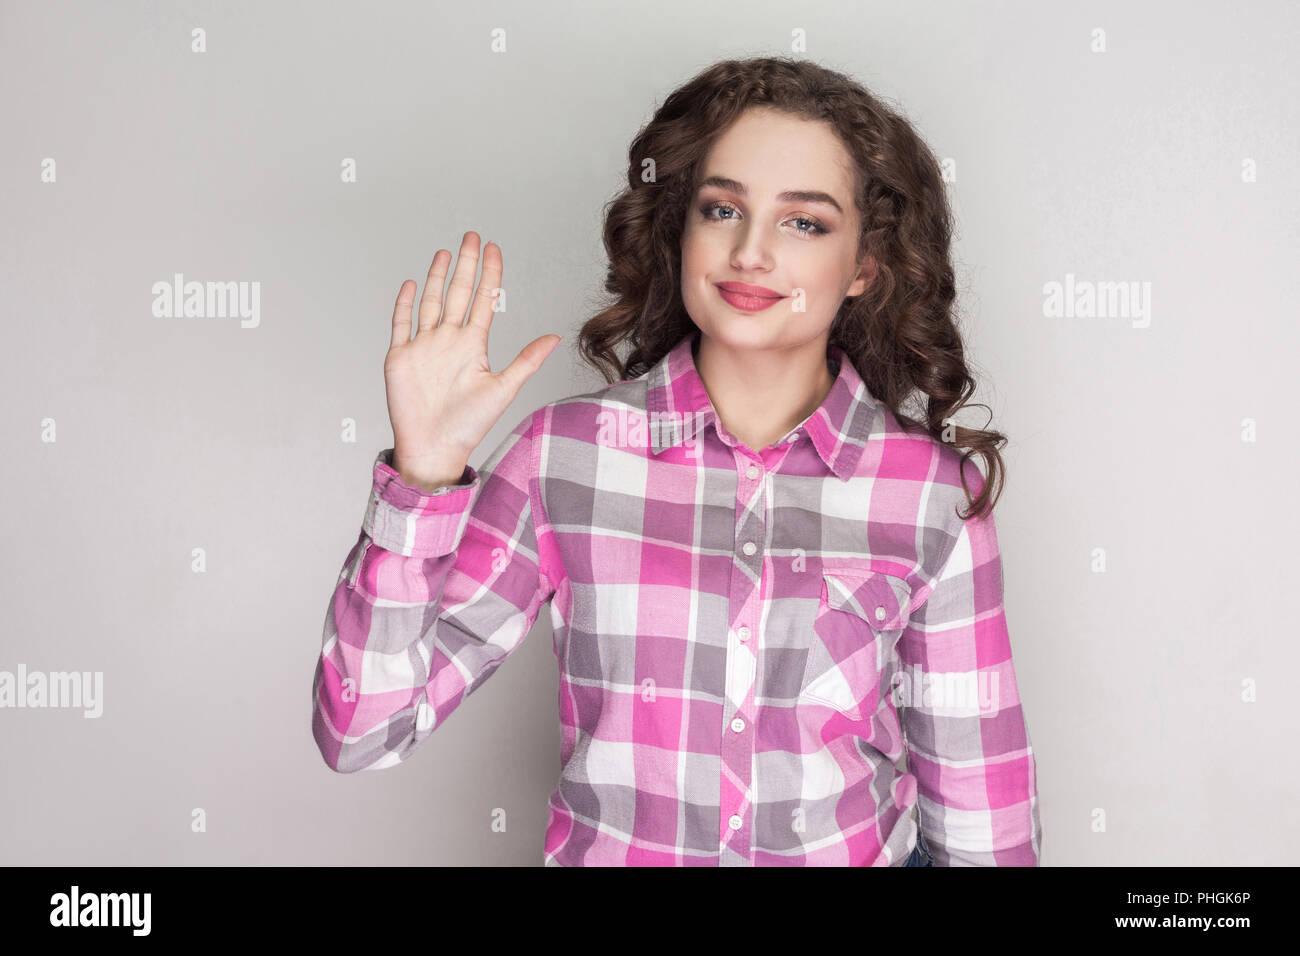 Hey Girl Imágenes De Stock & Hey Girl Fotos De Stock - Alamy